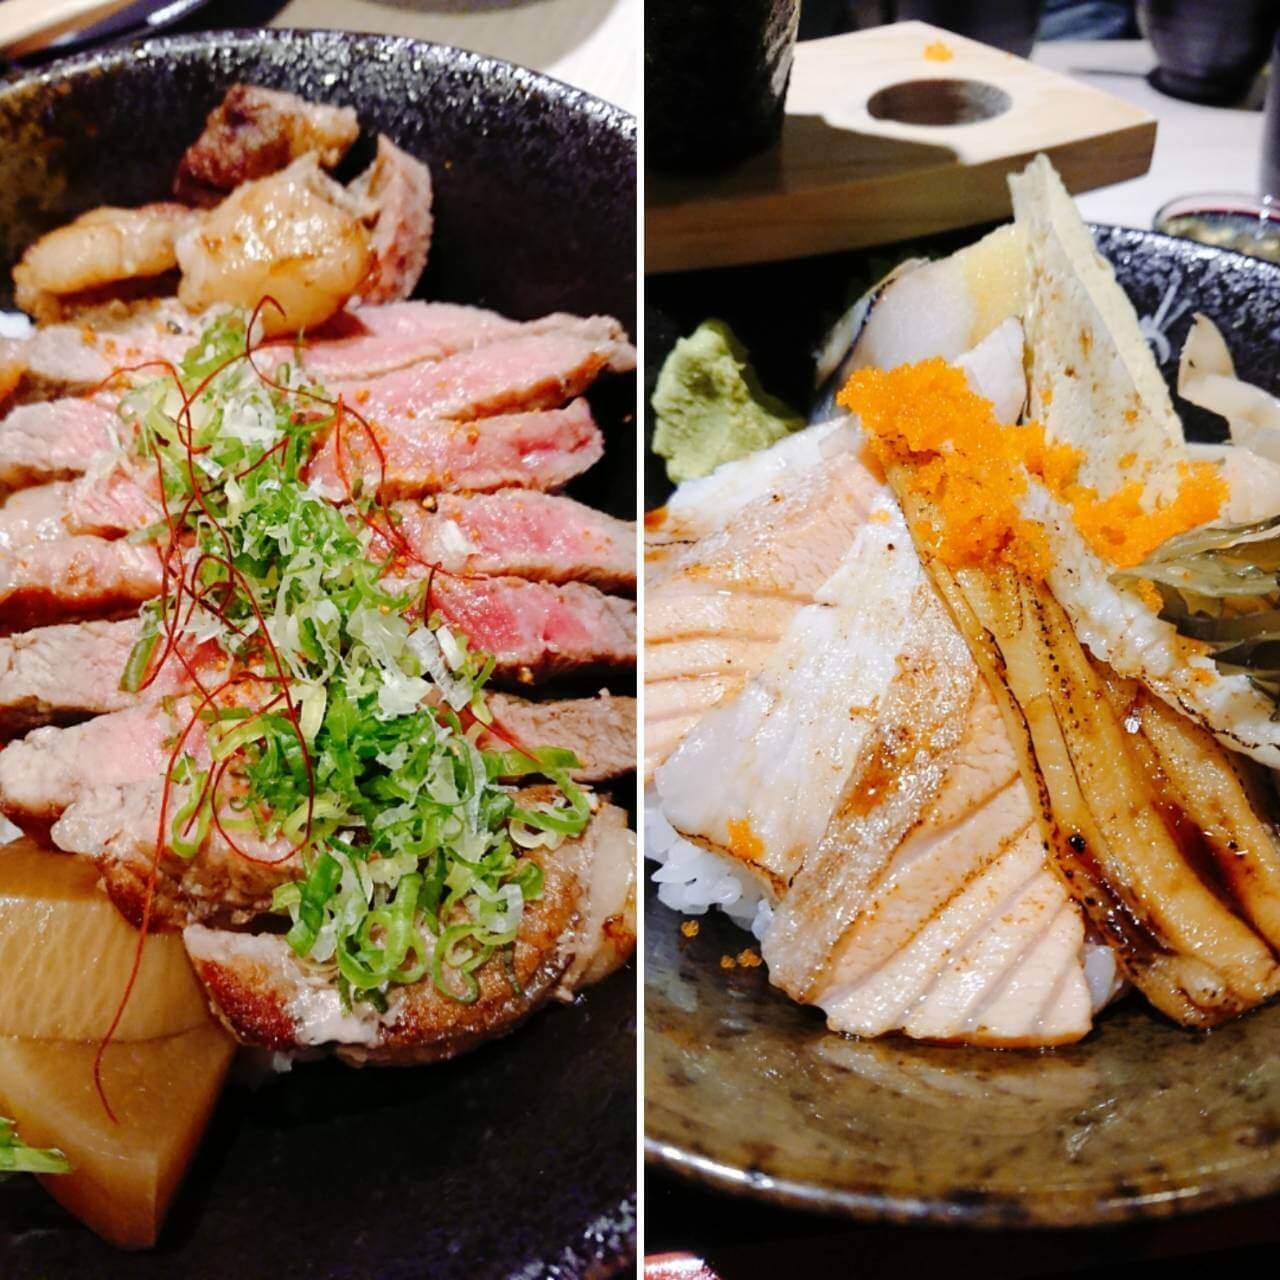 【台北東湖】朴食堂日式料理–豐盛生魚片丼飯X極嫩牛小排丼的聚會